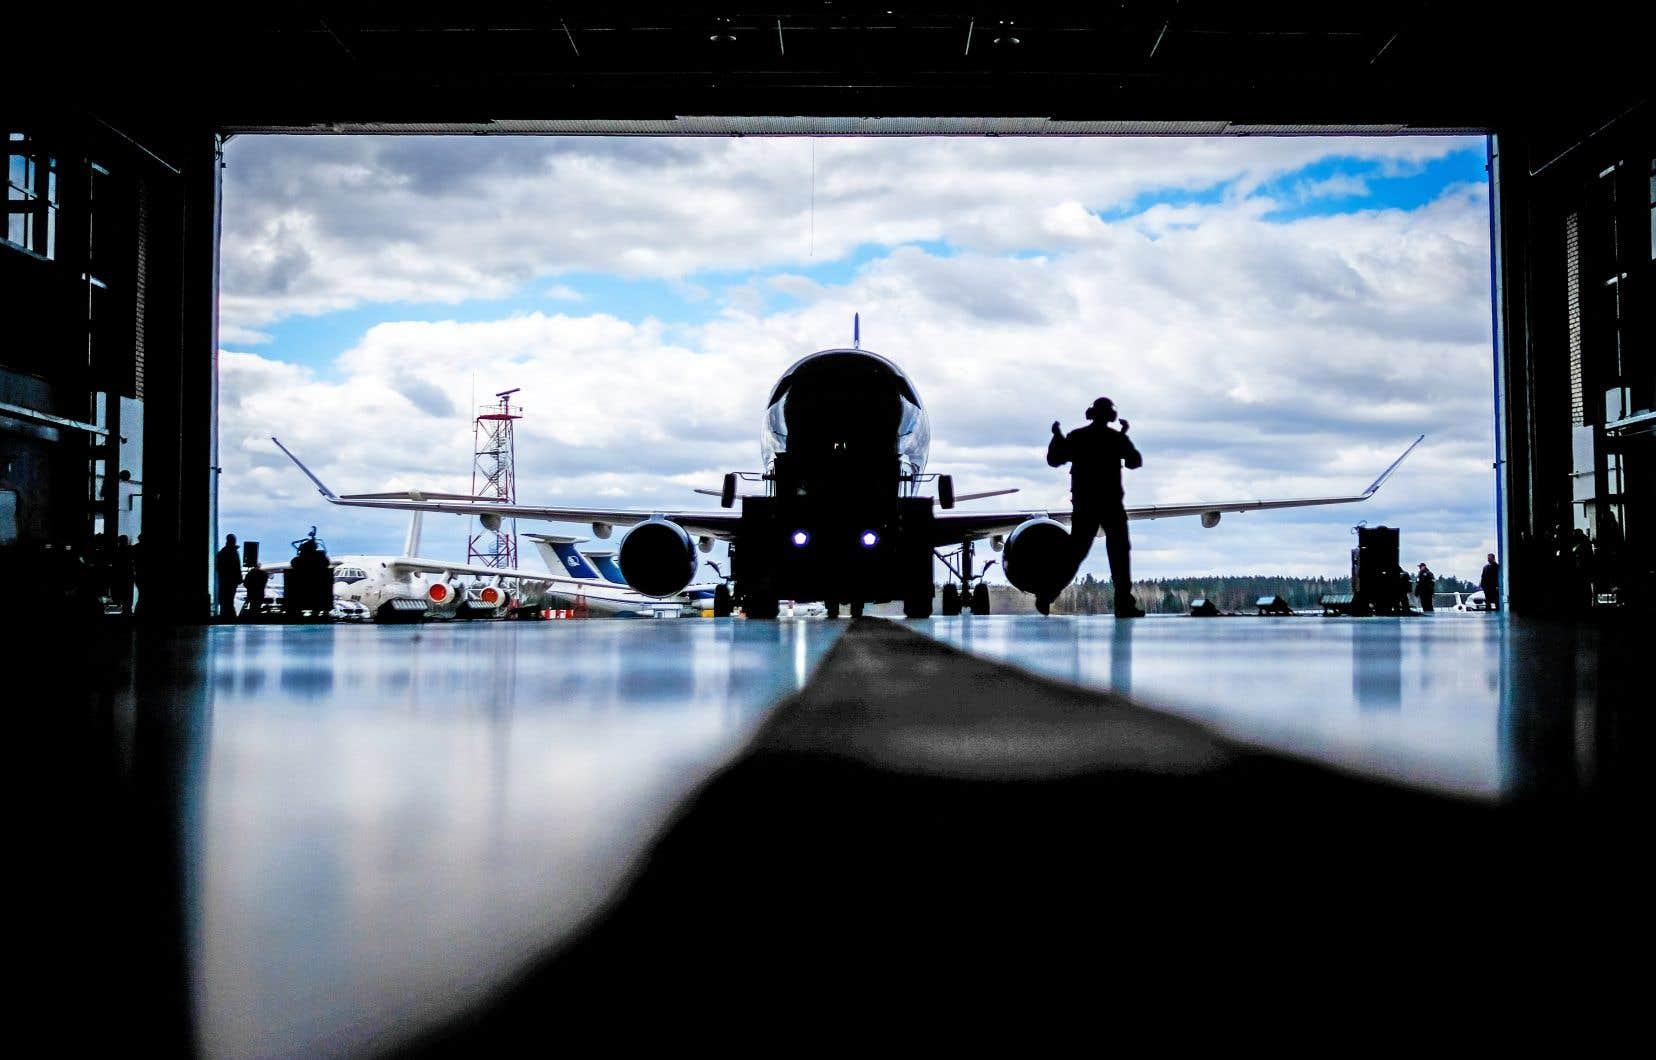 L'avionneur brésilien Embraer est un grand concurrent de Bombardier, spécialisé notamment dans la fabrication d'avions commerciaux.